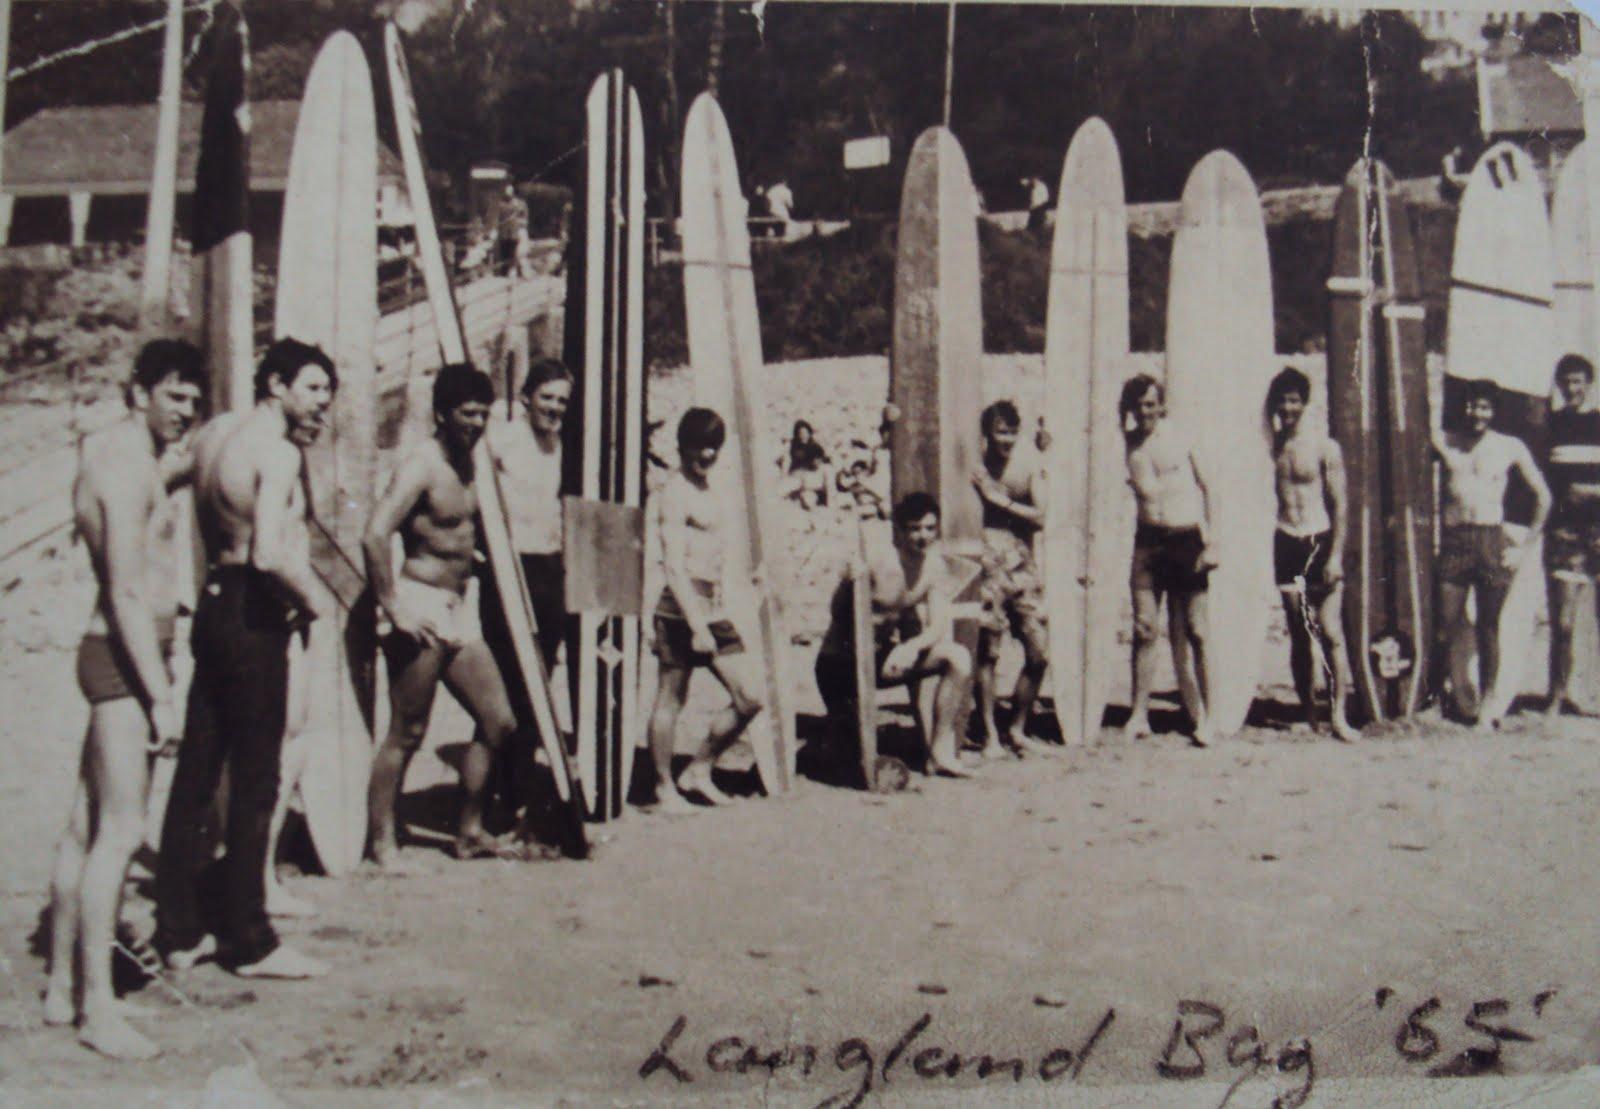 Viv Ganz and the Langland Crew